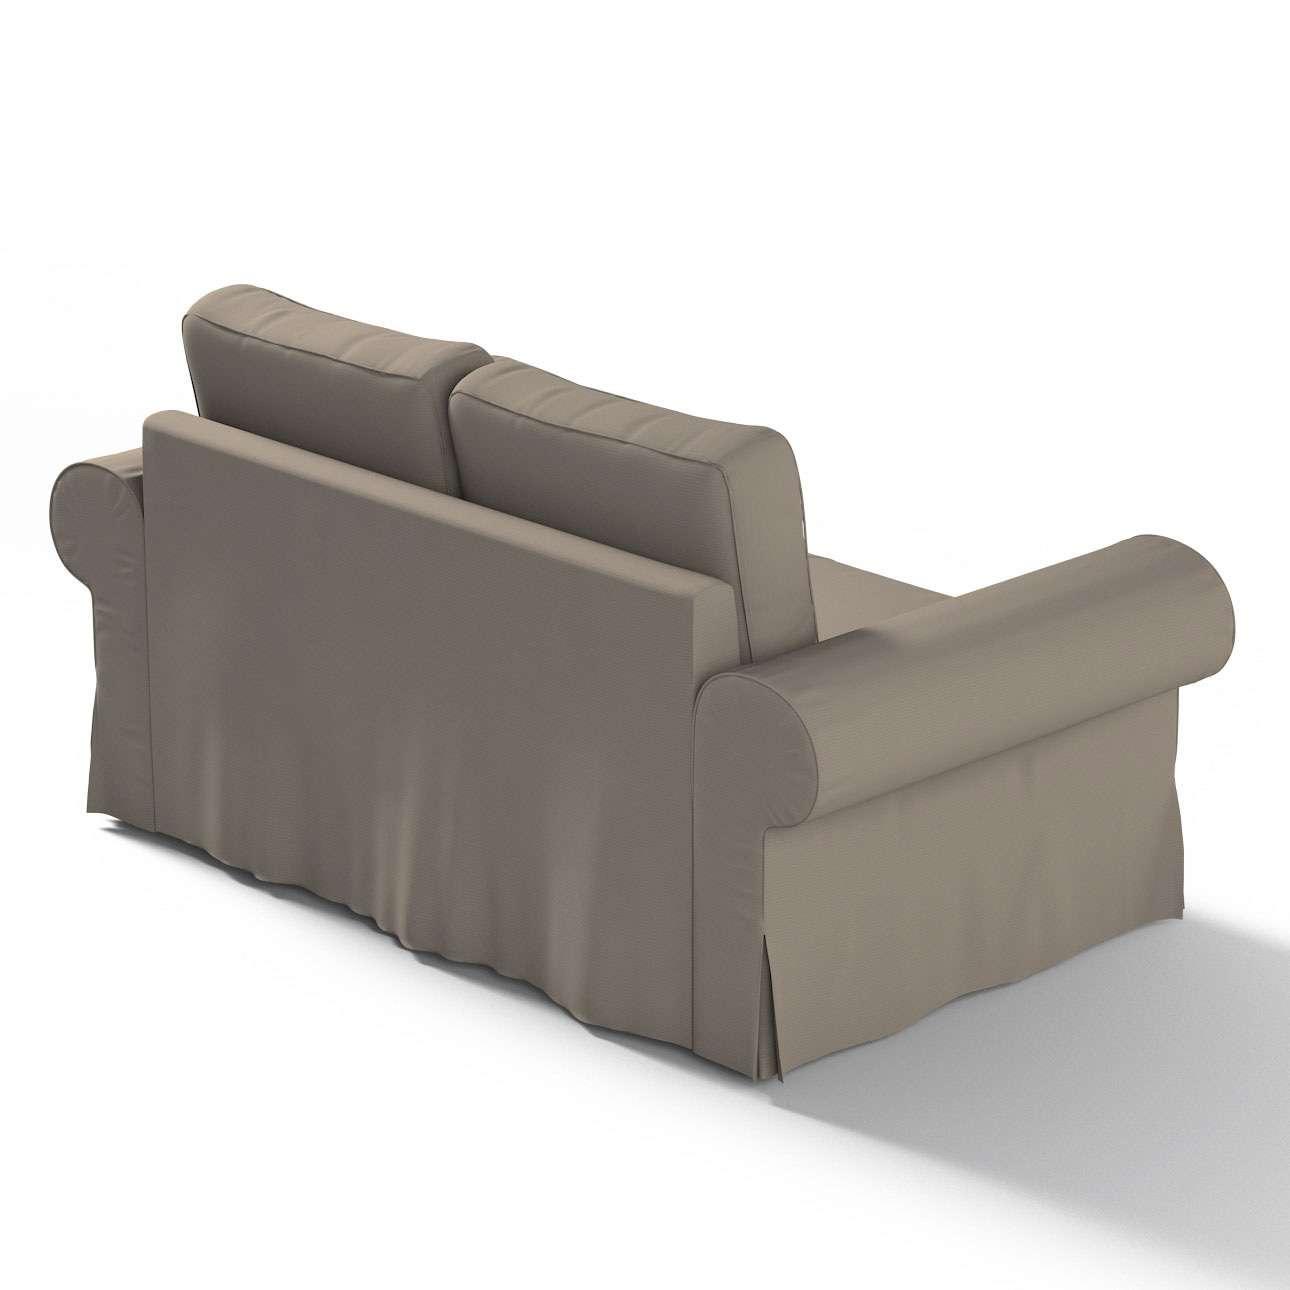 Backabro 2-Sitzer Sofabezug nicht ausklappbar von der Kollektion Cotton Panama, Stoff: 702-28